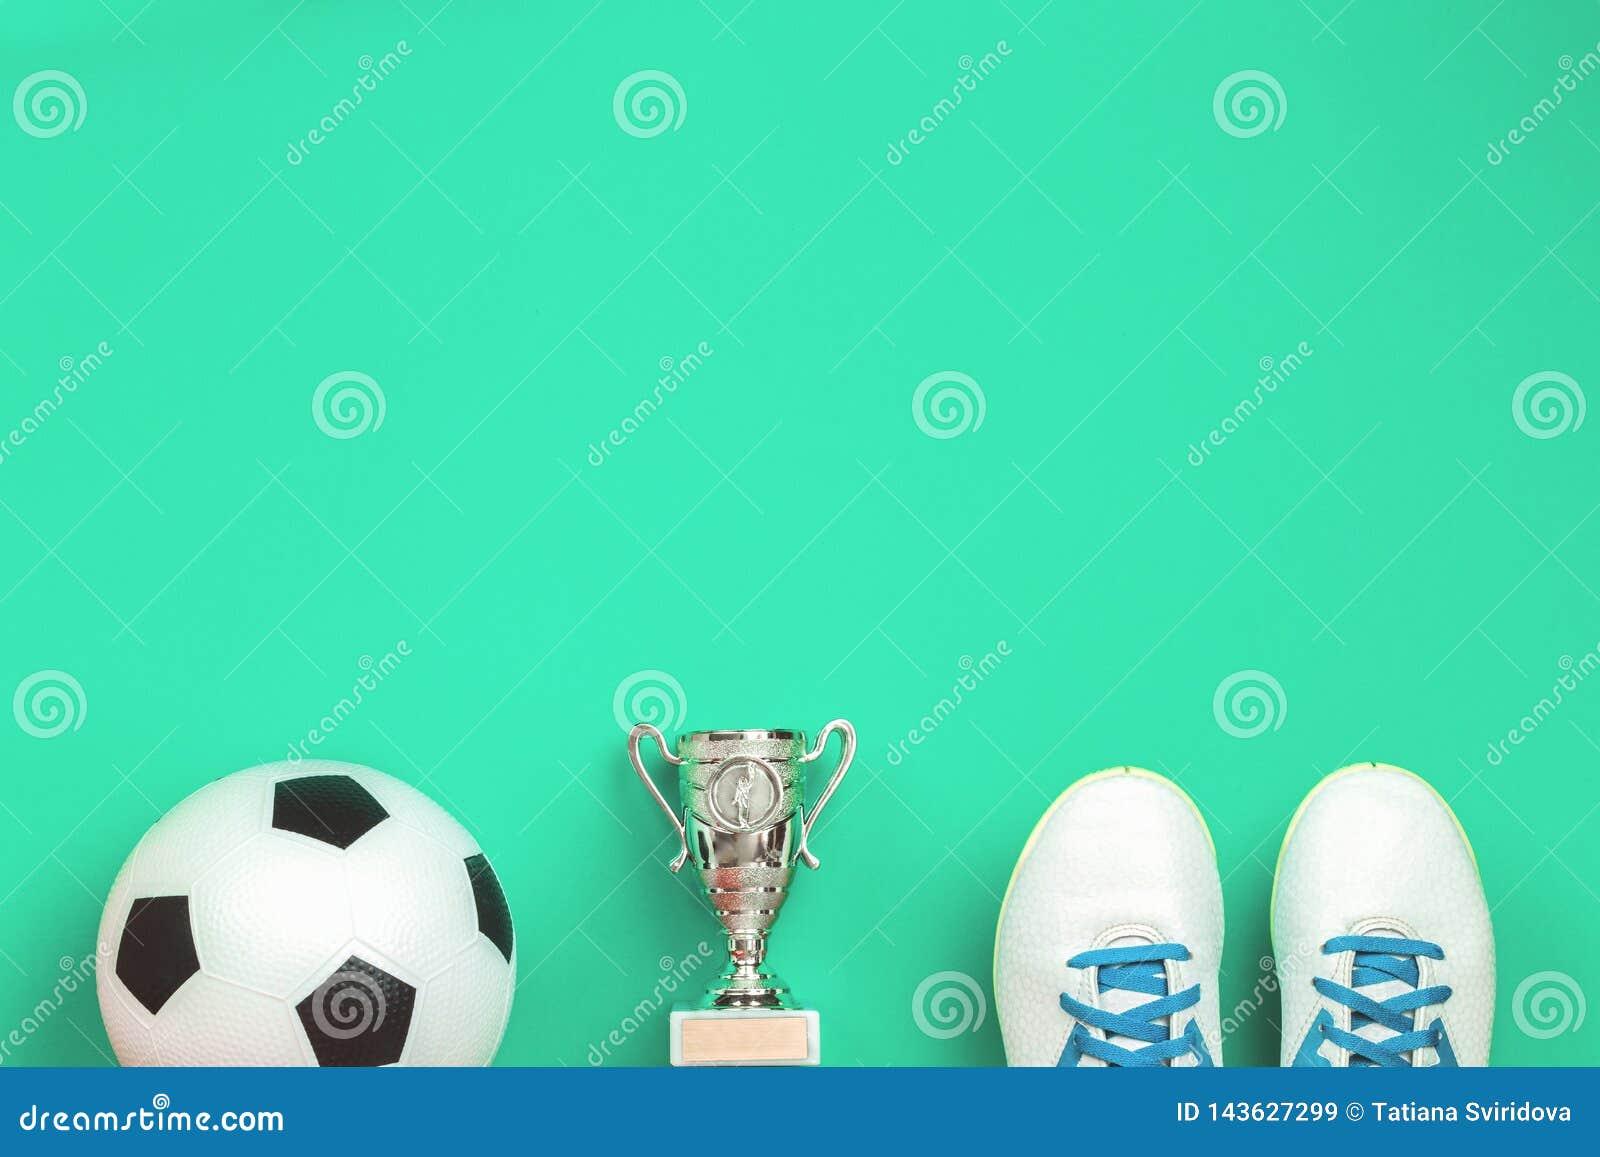 Voetbalconcept met voetbalschoenen, kop en bal